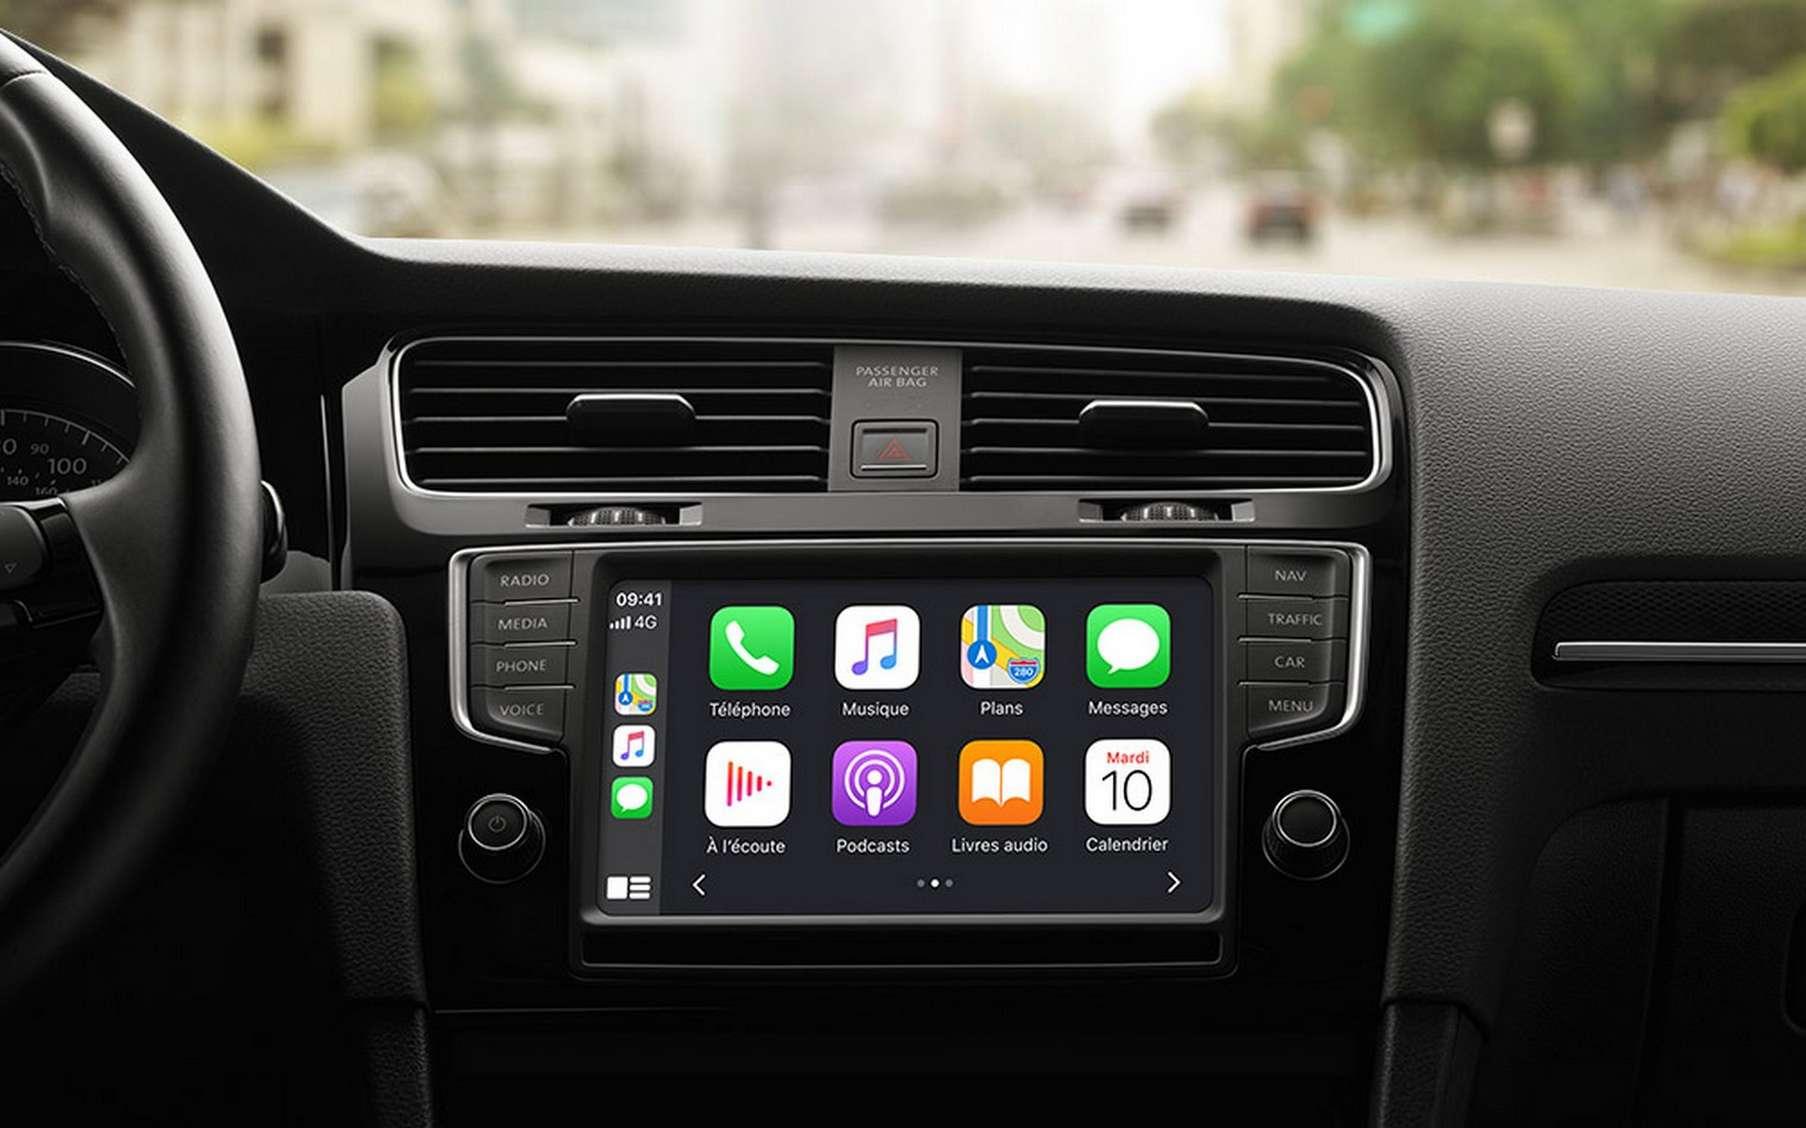 Apple est déjà présent dans les systèmes multimédia des voitures avec CarPlay, la version embarquée d'iOS. © Apple